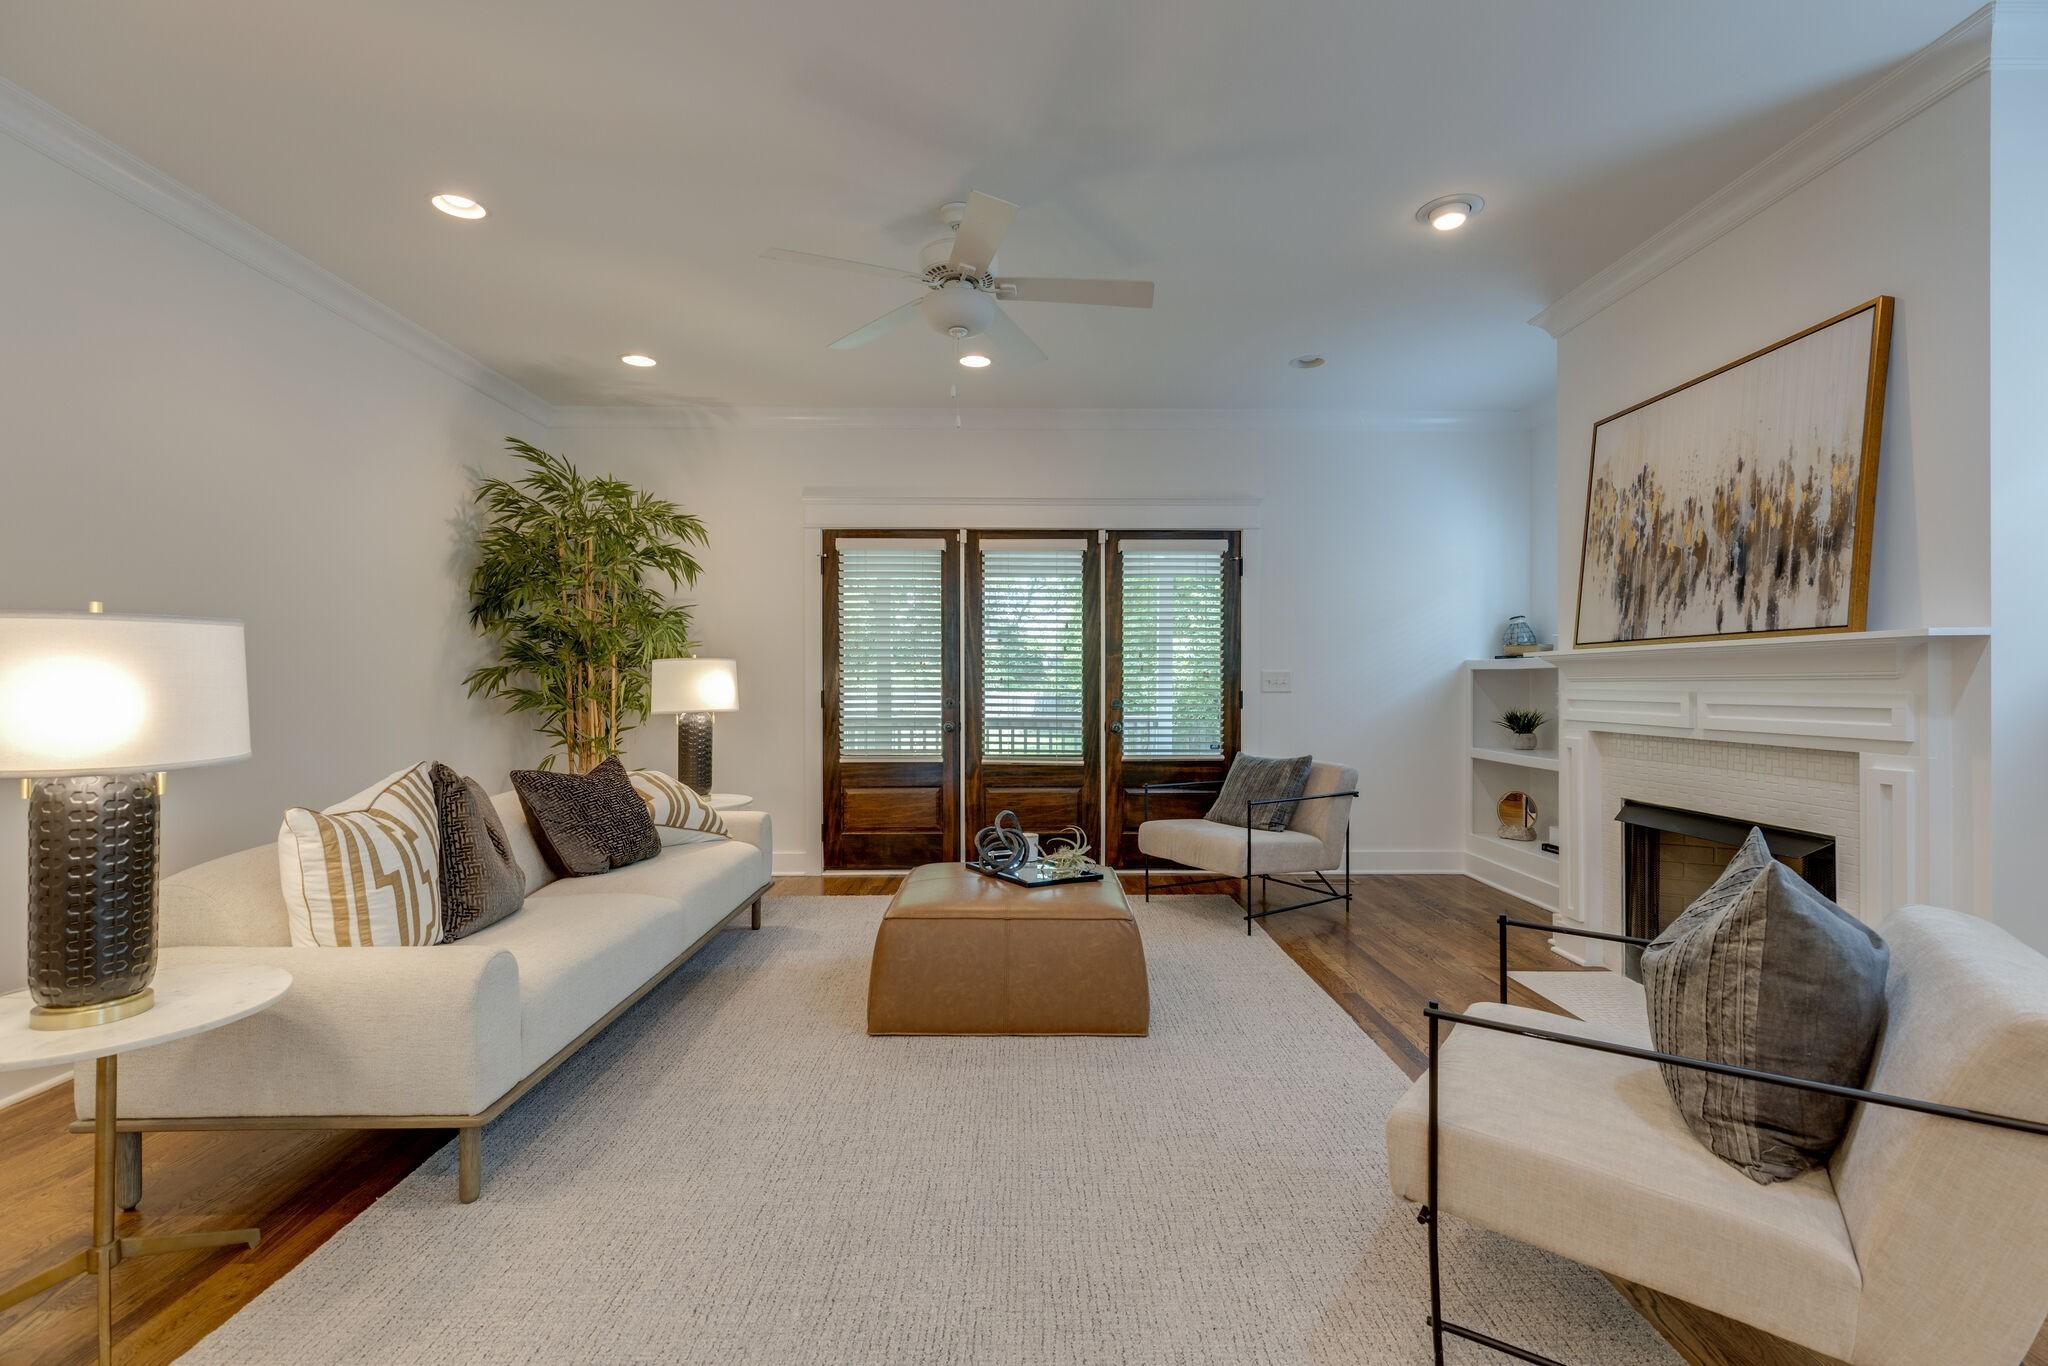 1113 Cahal Avenue Real Estate Listings Main Image